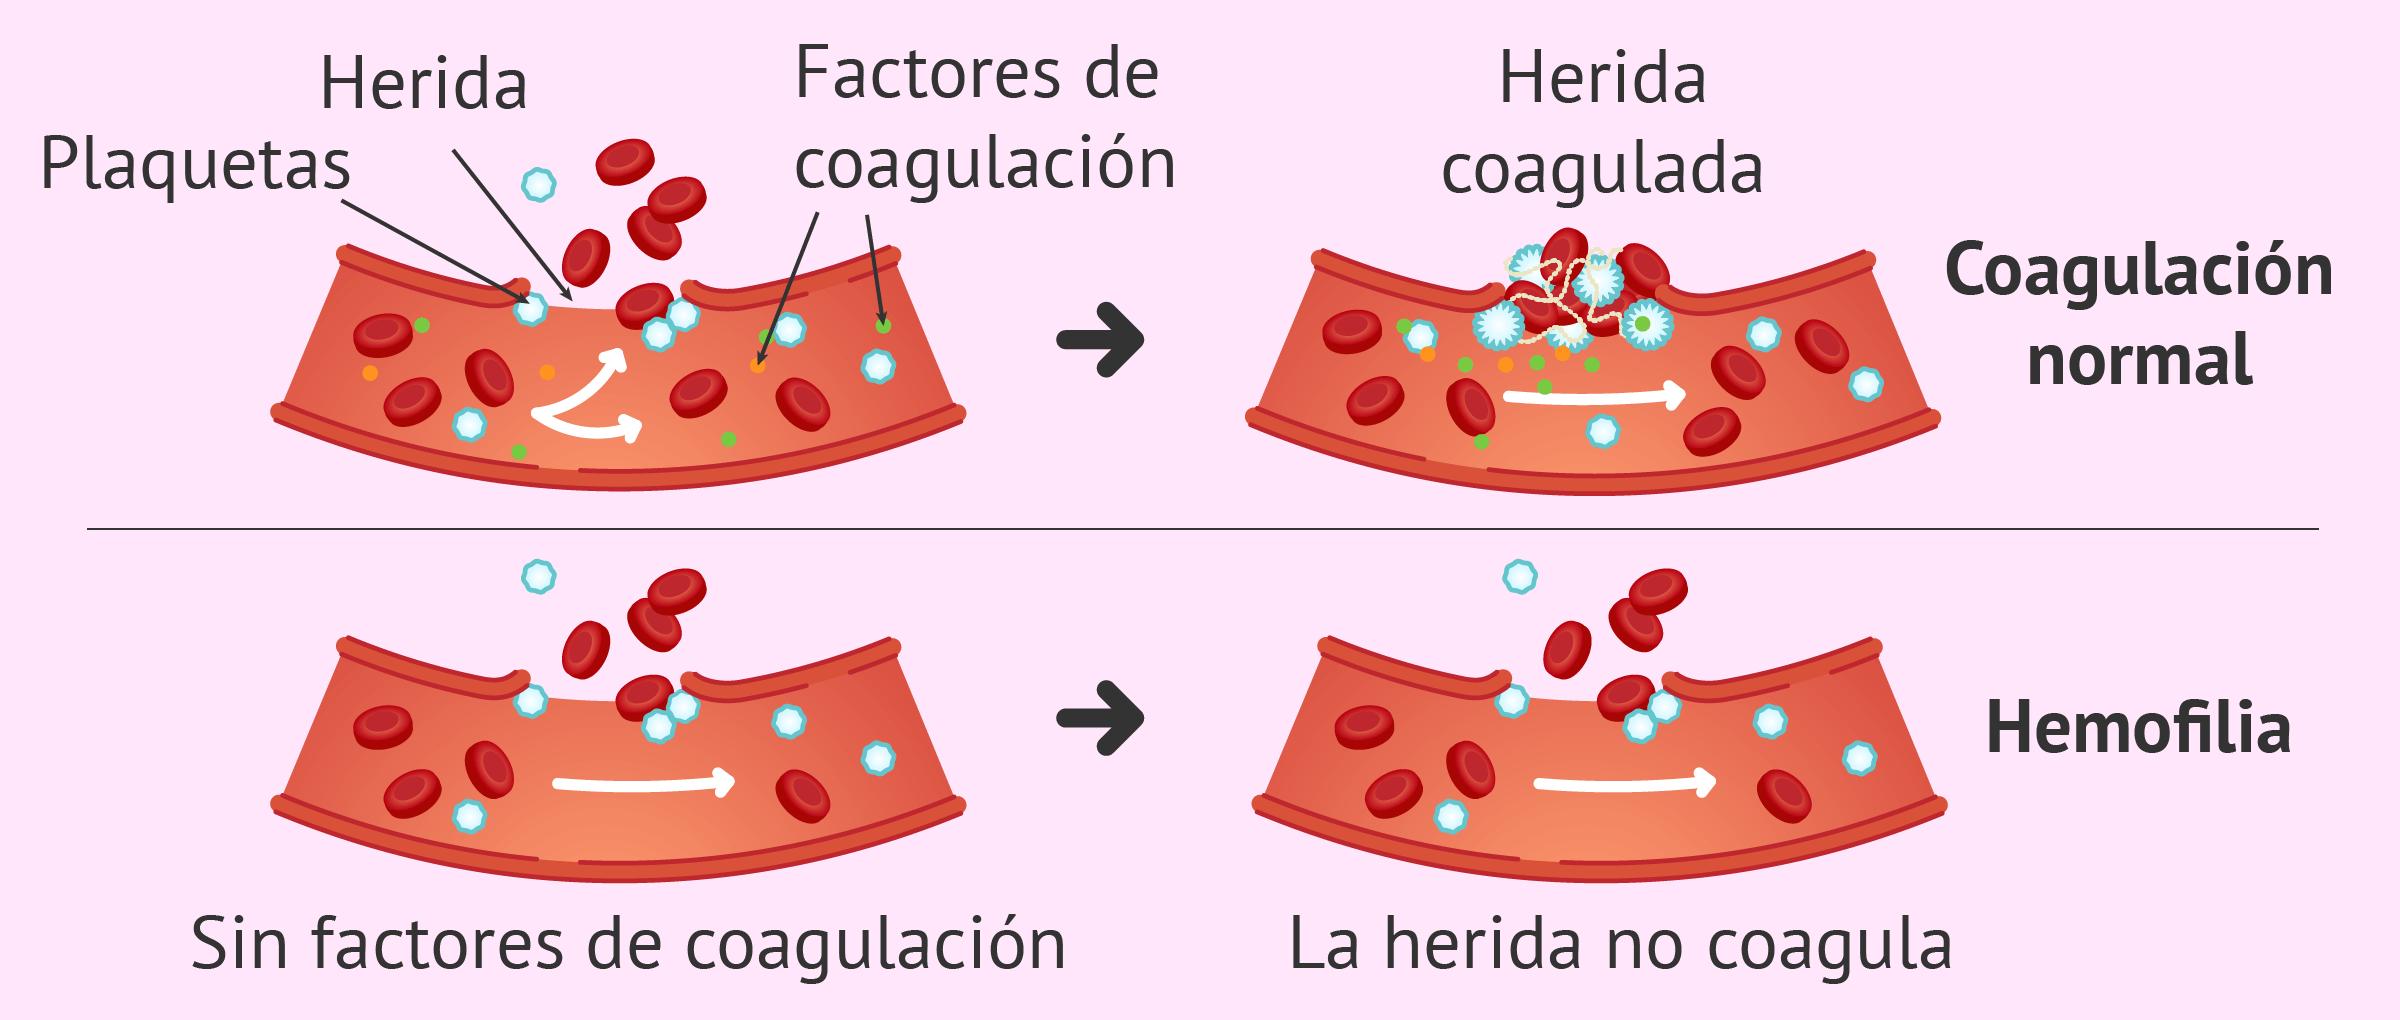 ¿Qué es la hemofilia? - Causas, síntomas y embarazo por DGP